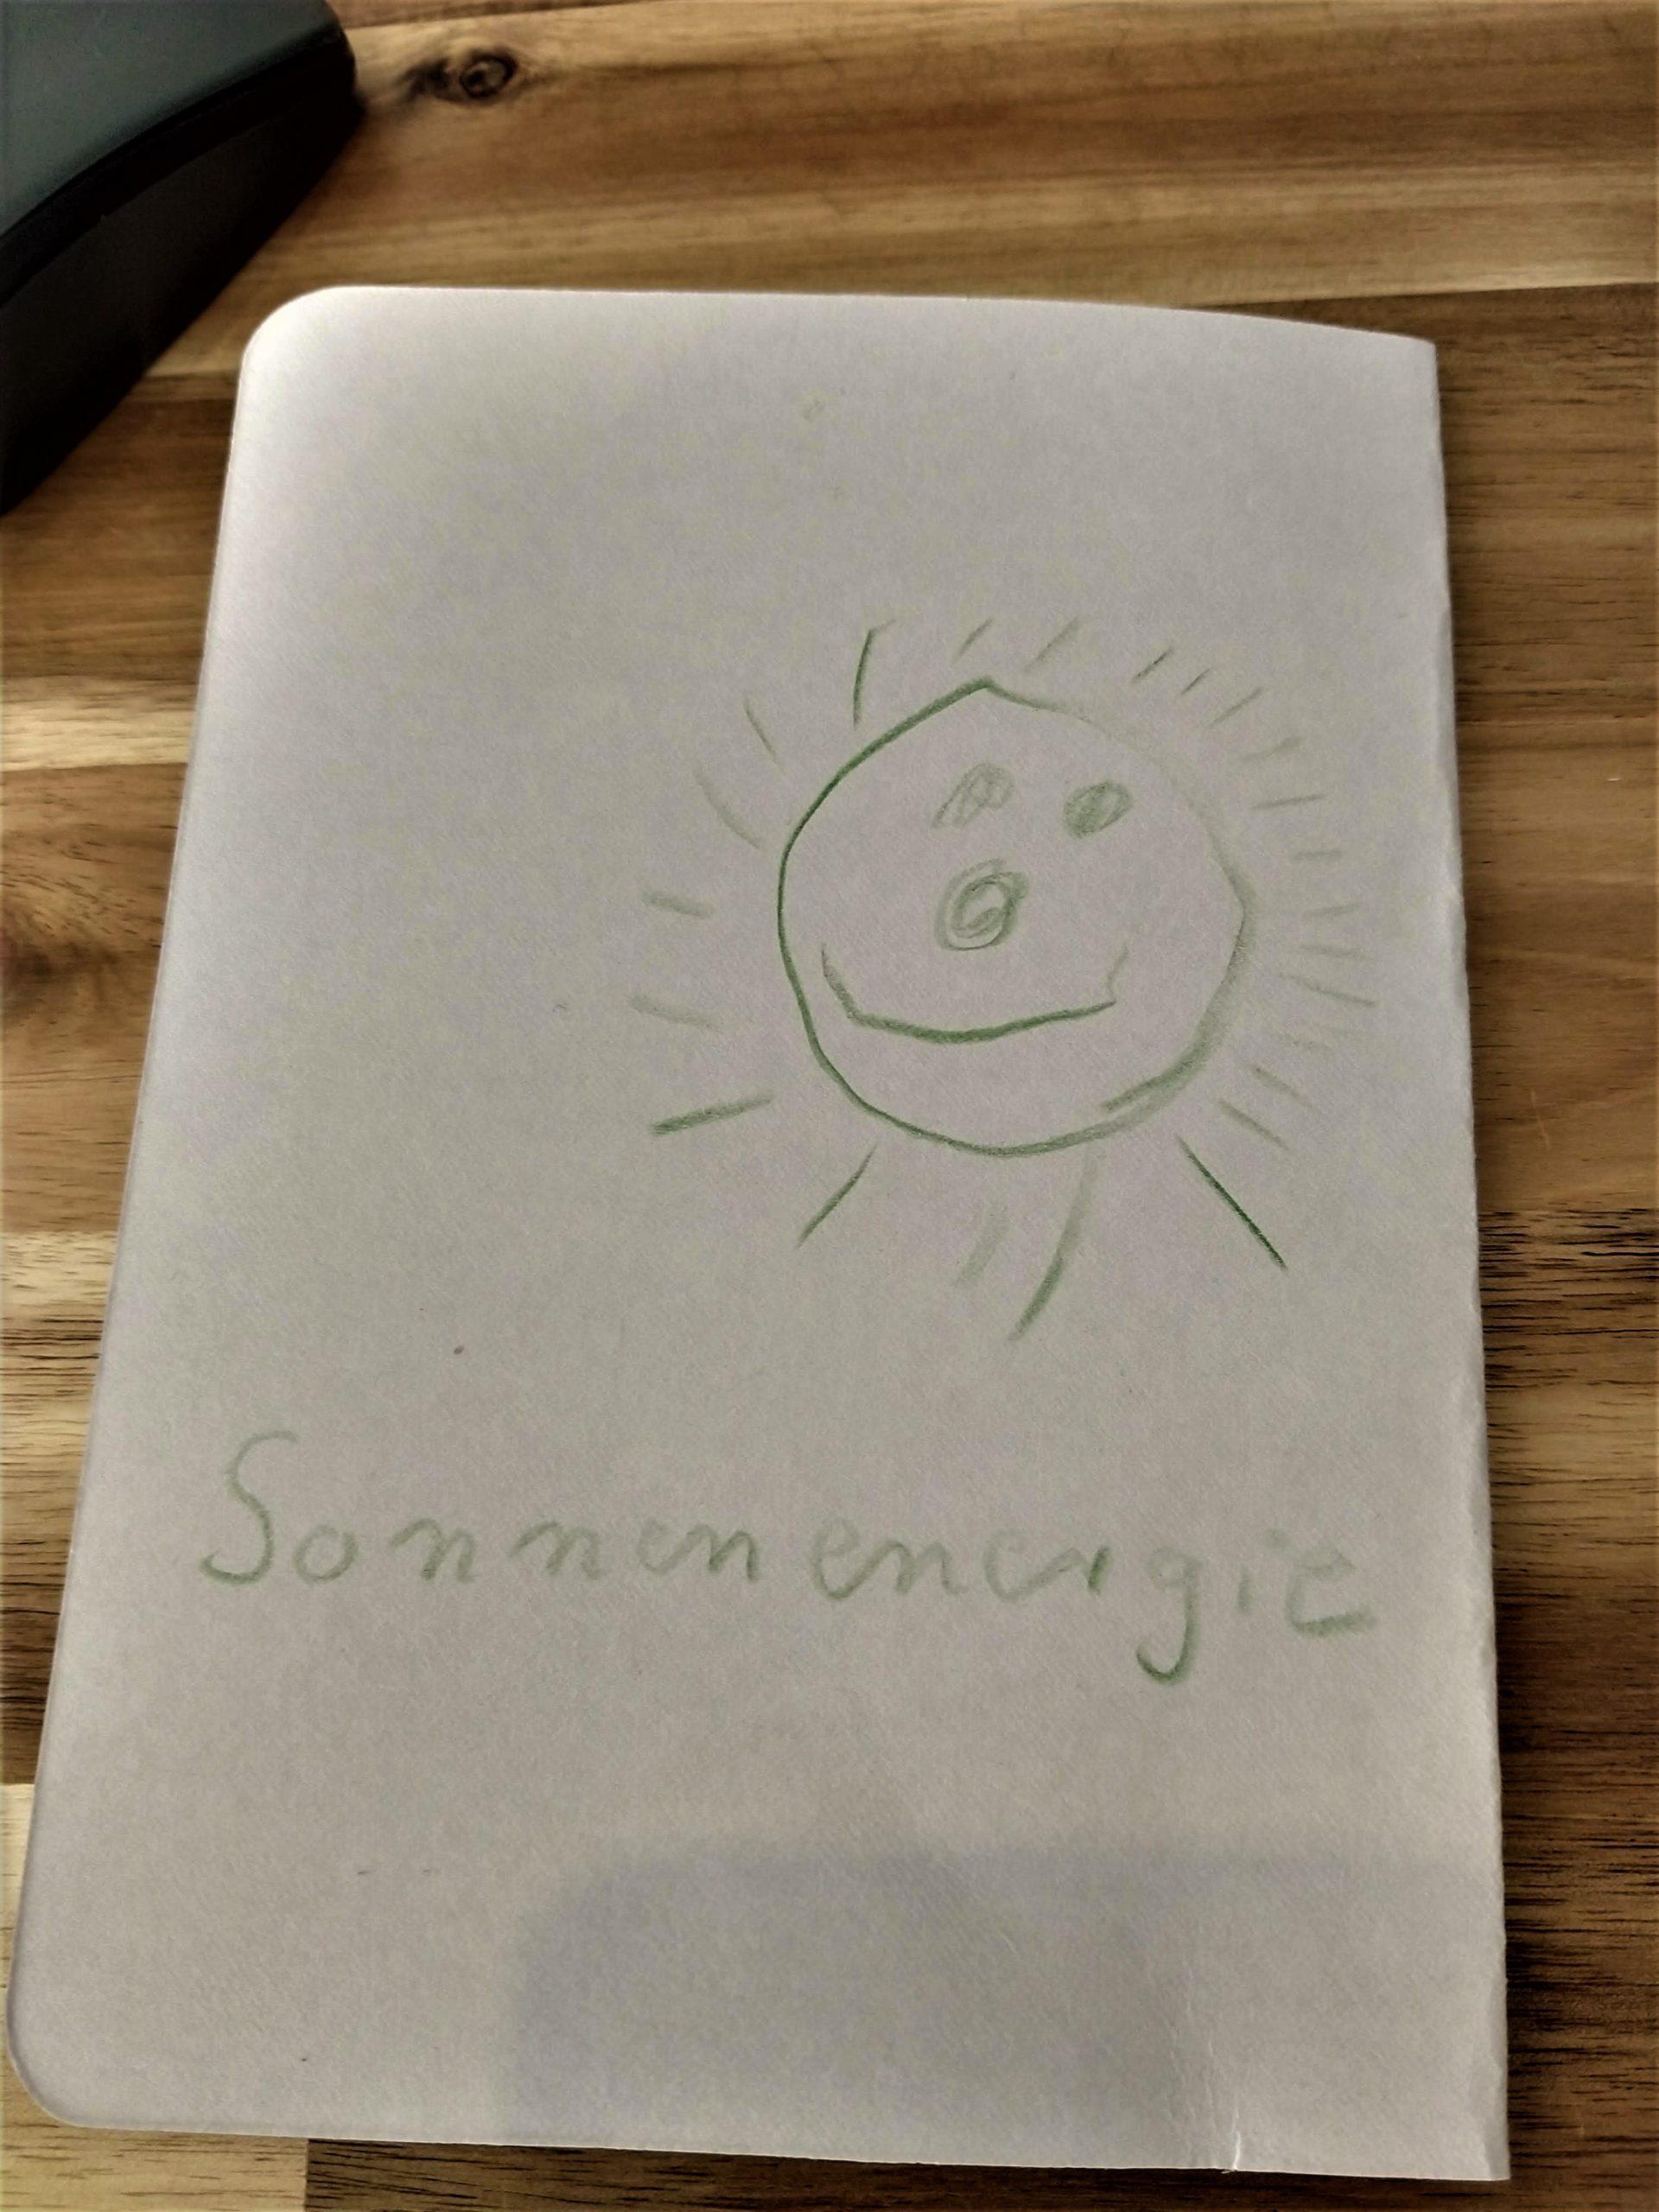 Die Tochter von Thomas Simons hat ein Buch über Sonnenenergie gemalt